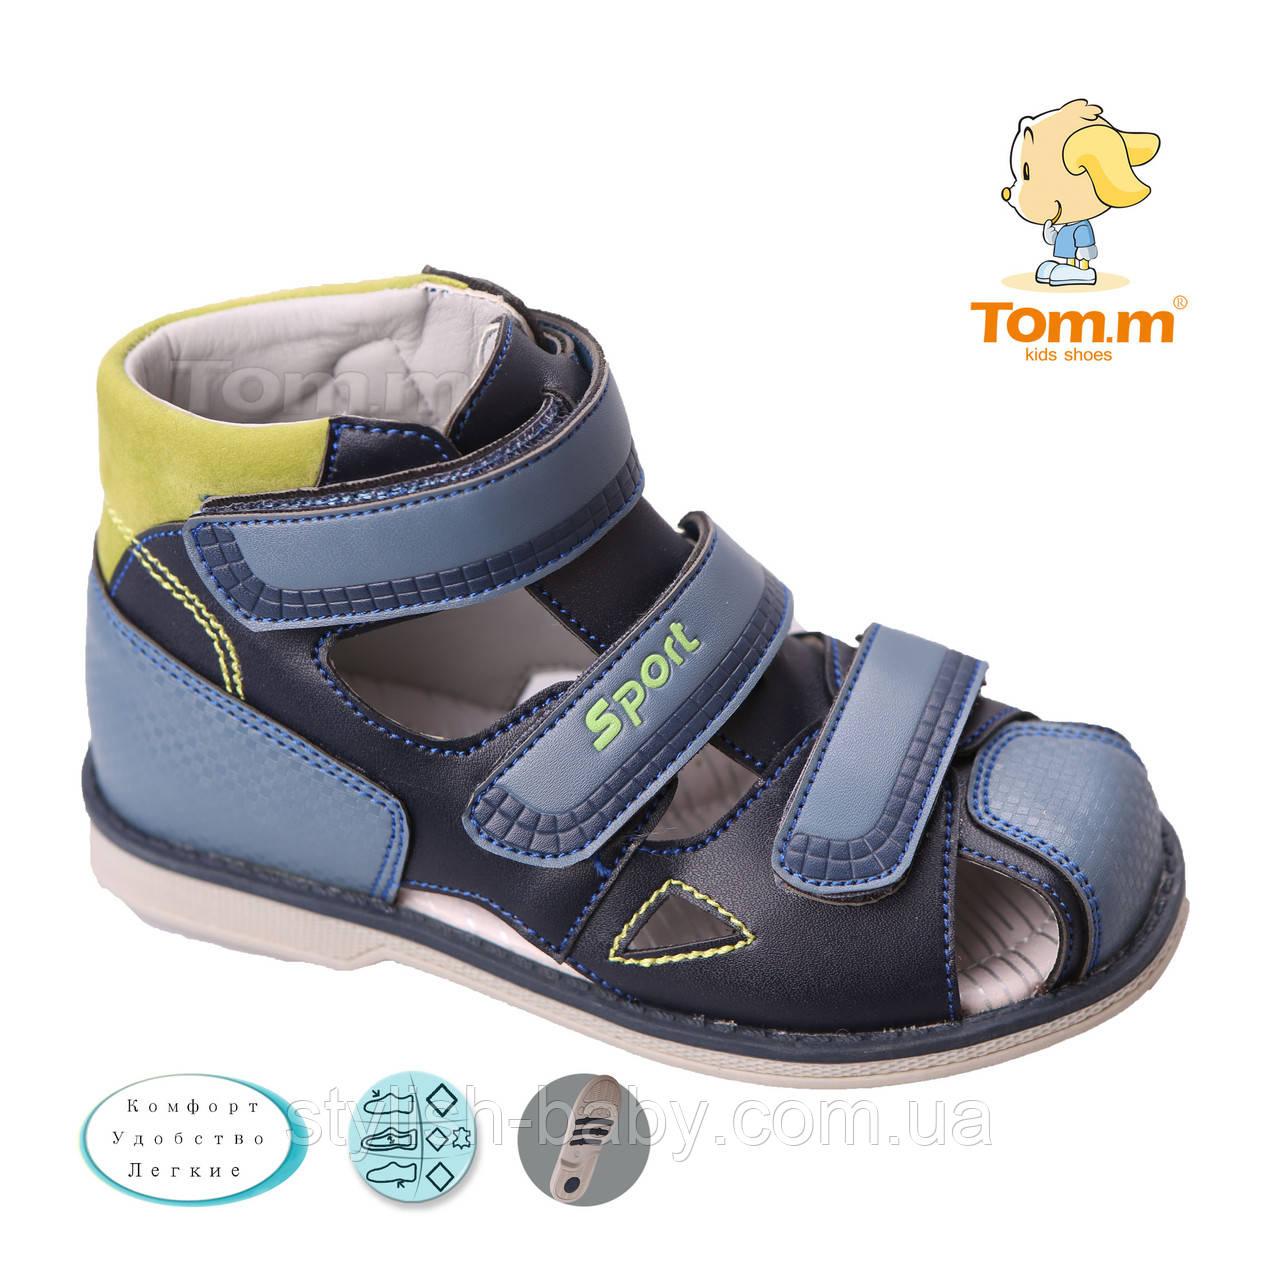 Детские босоножки оптом. Детская летняя обувь бренда Tom.m для мальчиков (рр. с 26 по 31)